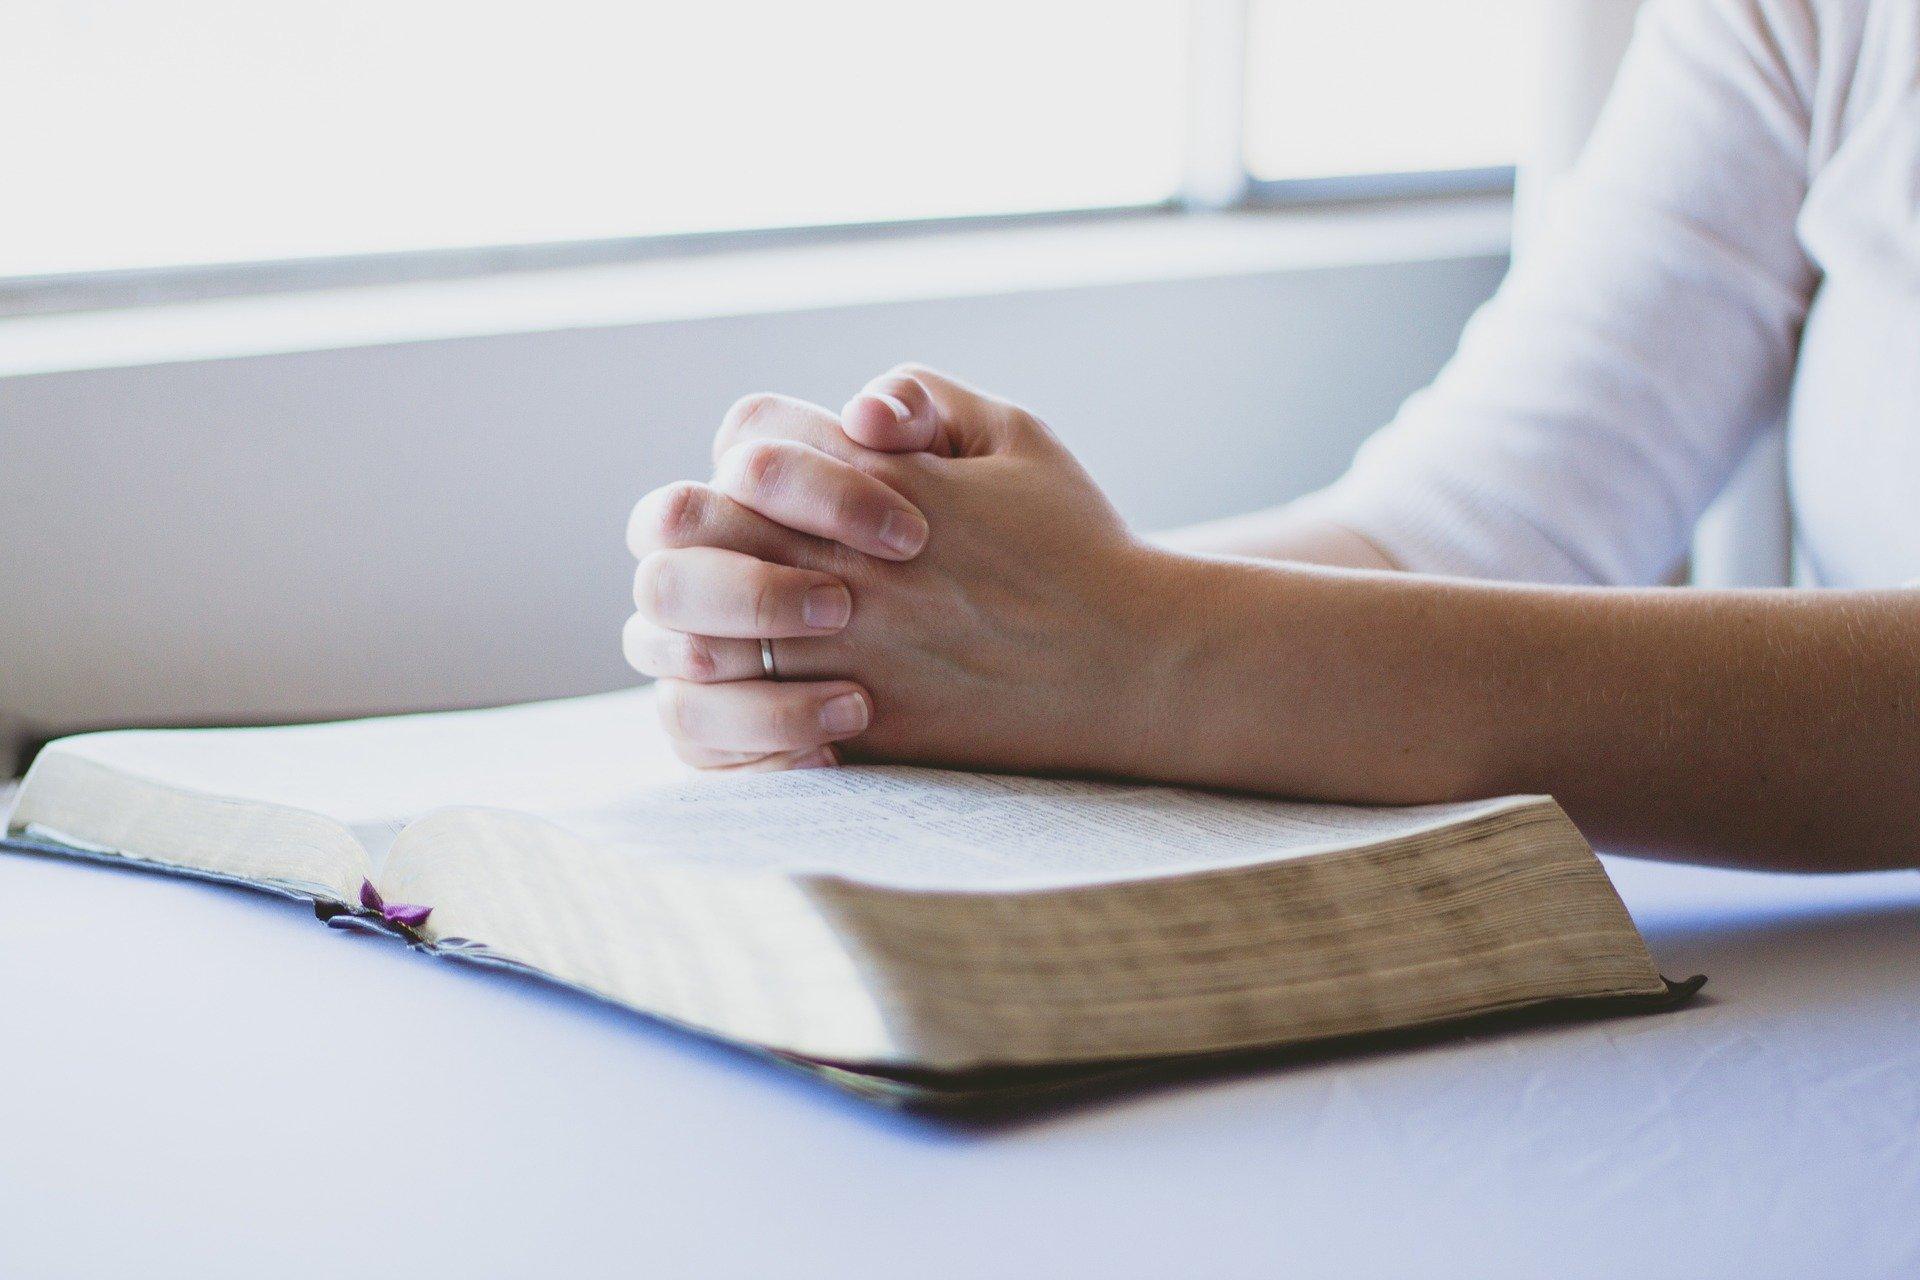 Jezus uzdrawia serce z obłudy